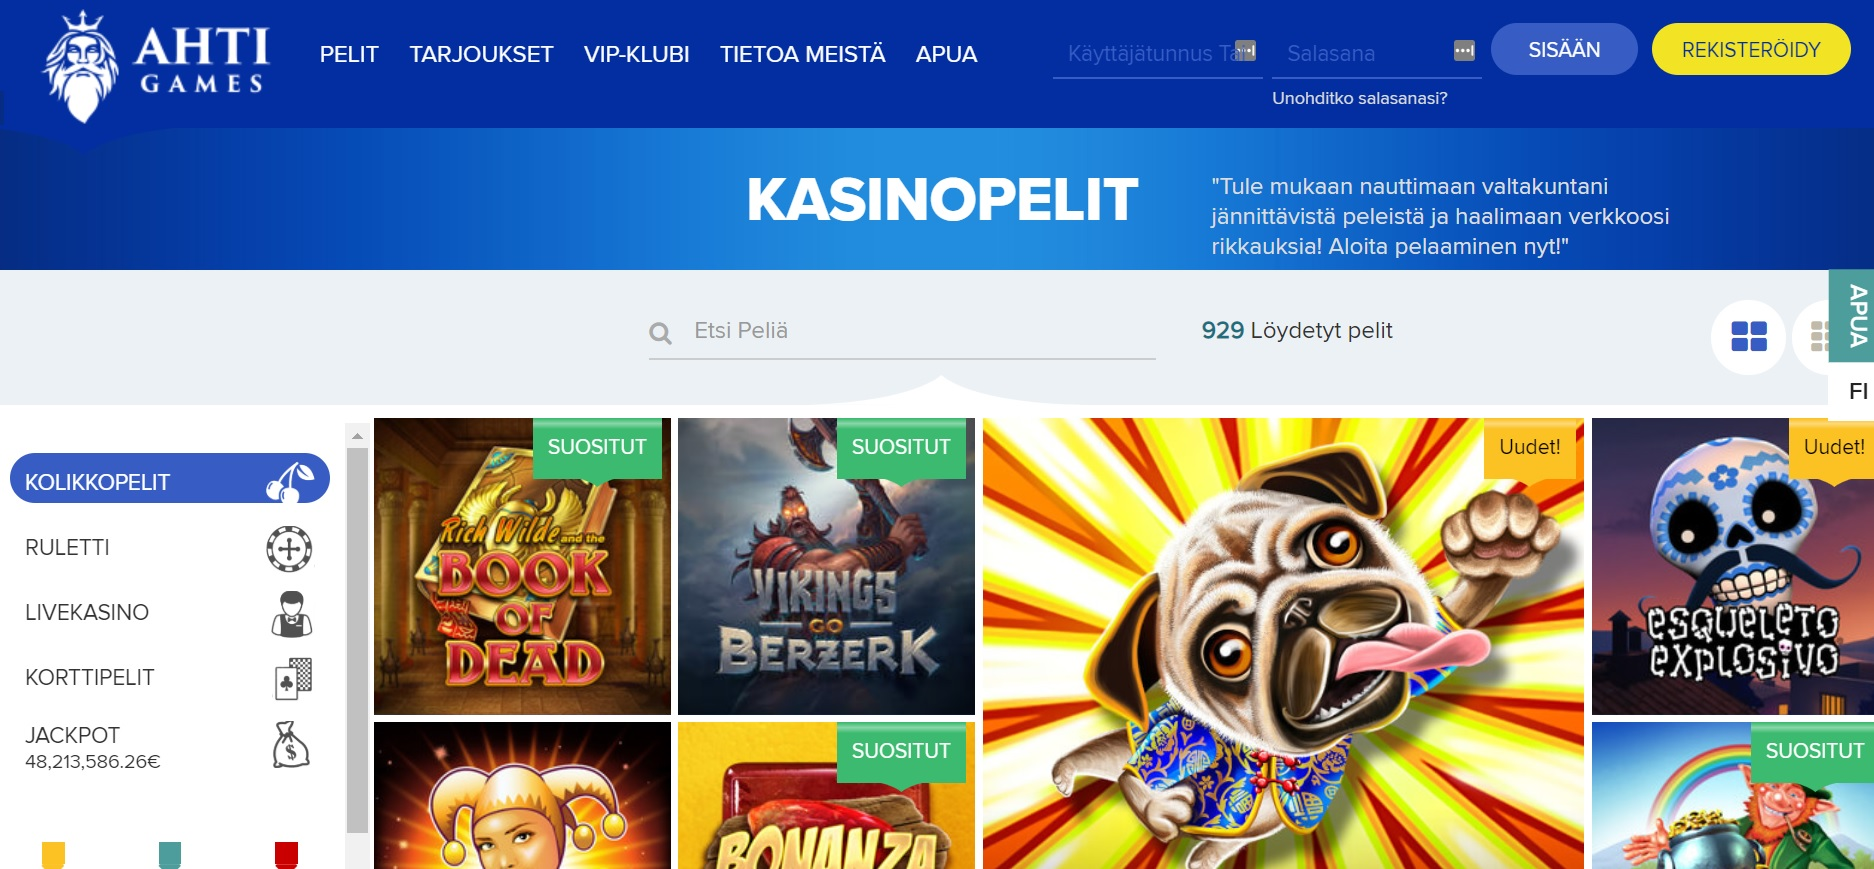 Ahti Games kokemuksia | Casinoproffa